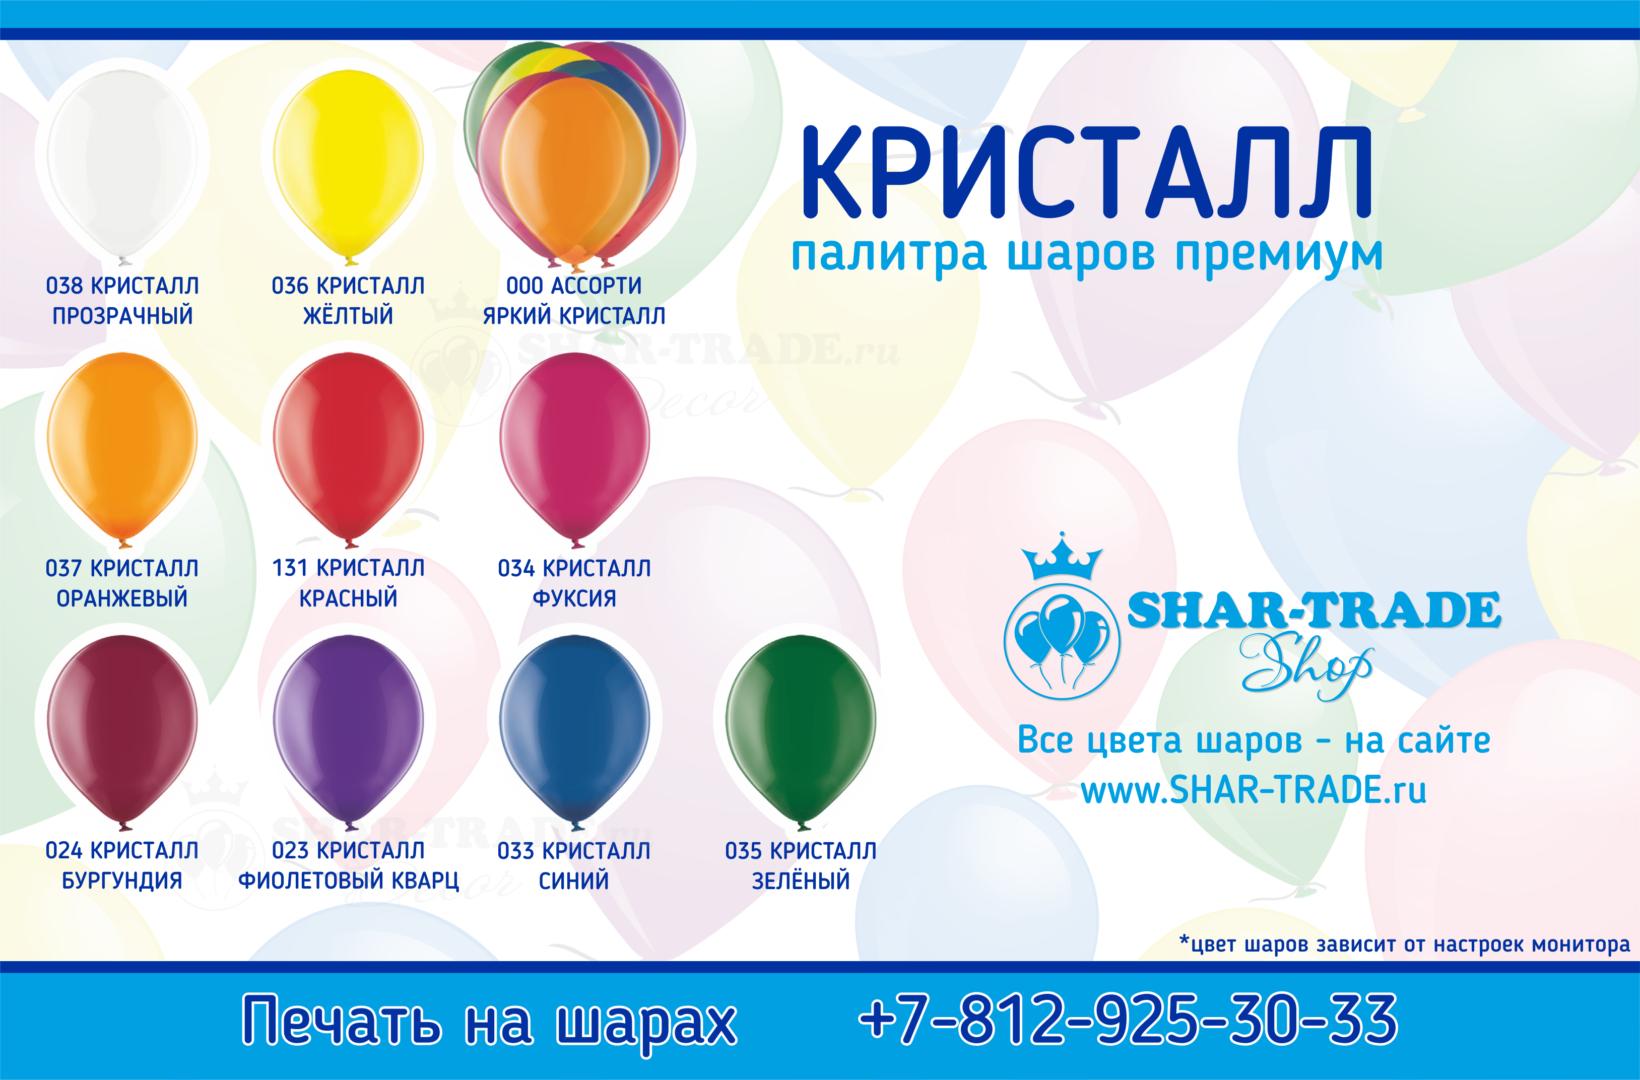 Палитра шаров тип Кристалл 2019 КШт